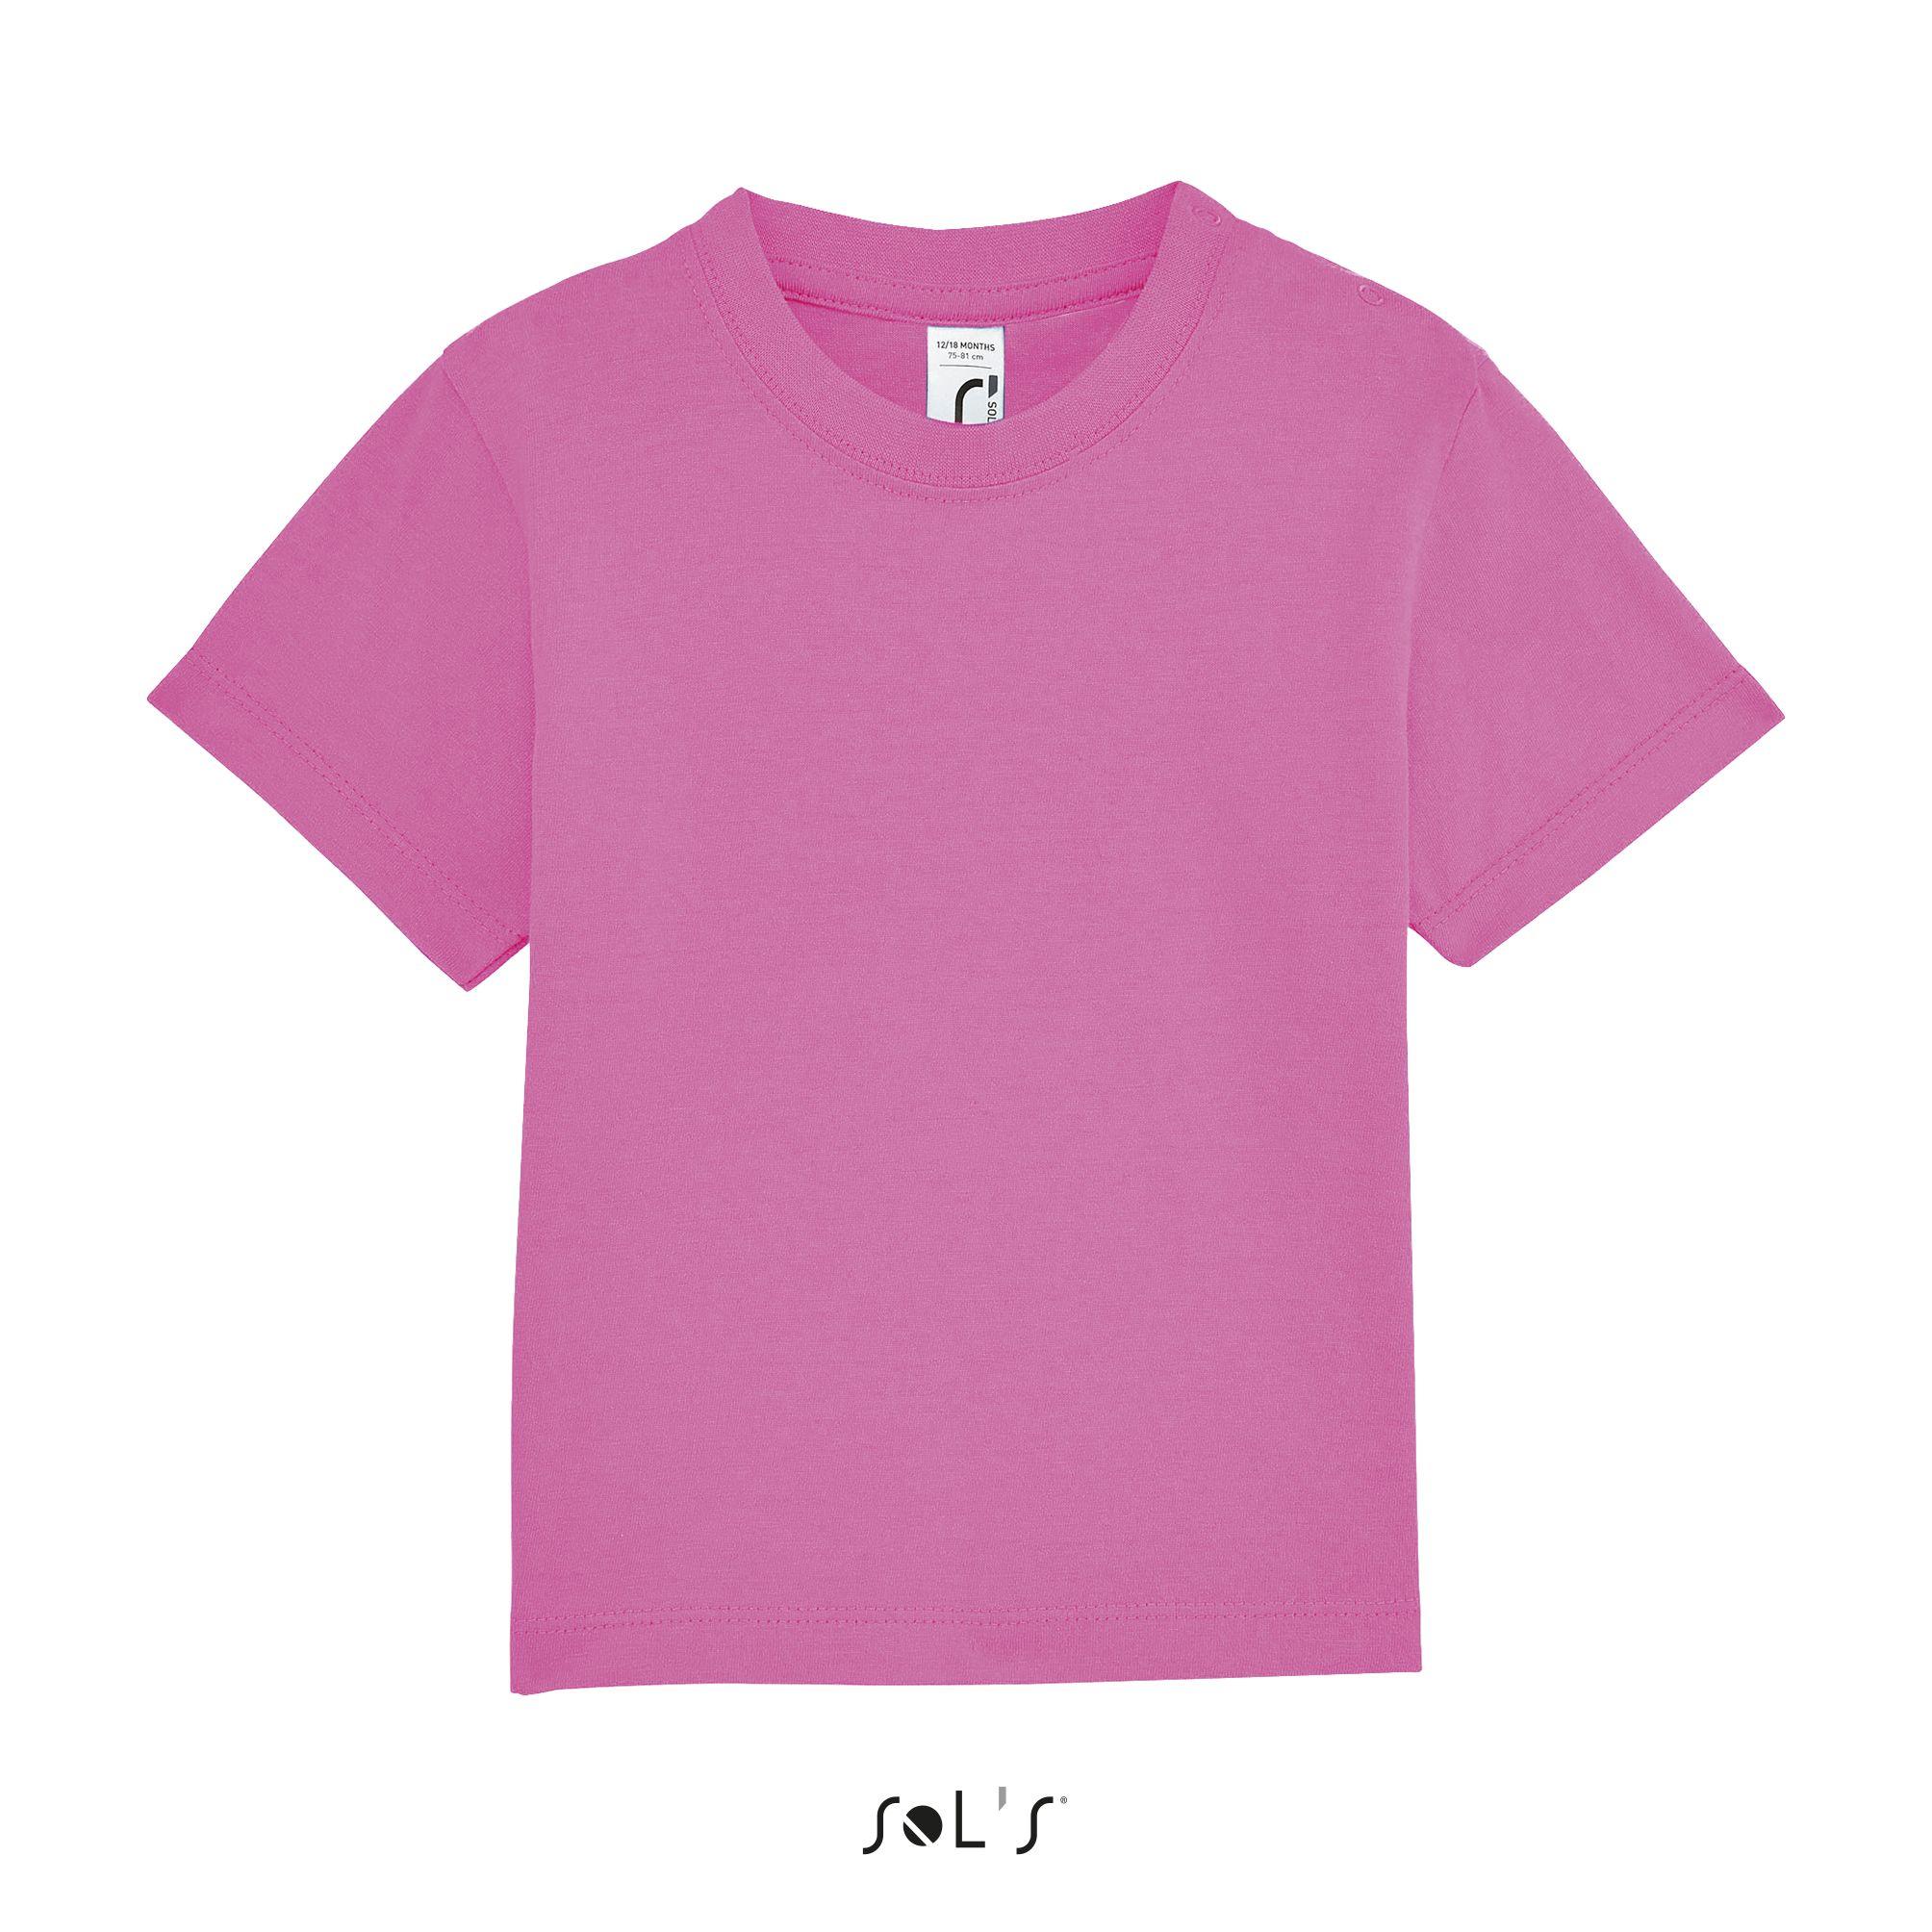 138 - Flash pink